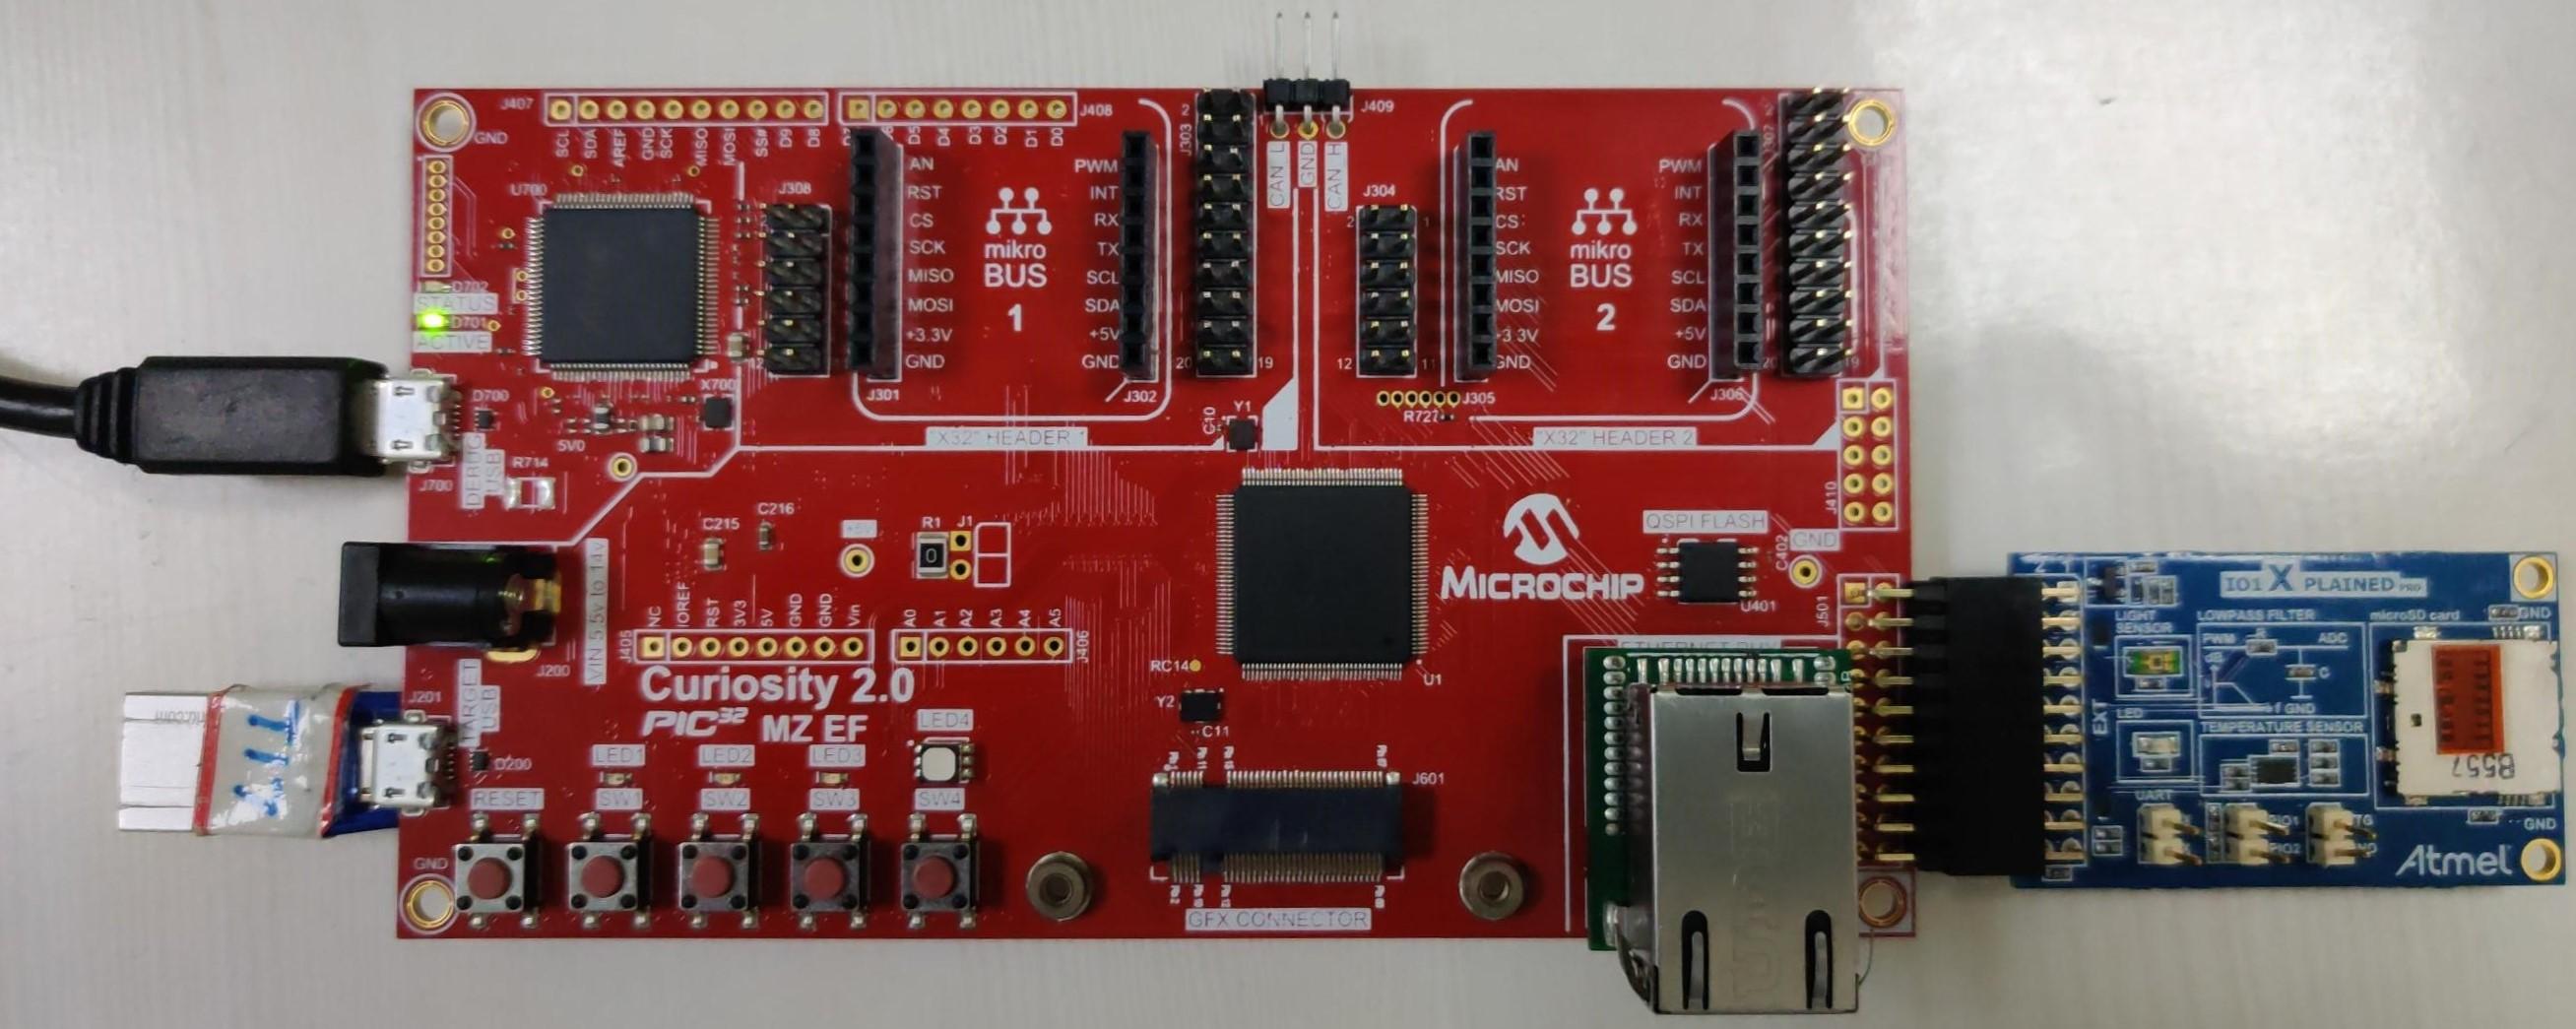 Hardware_setup.jpg